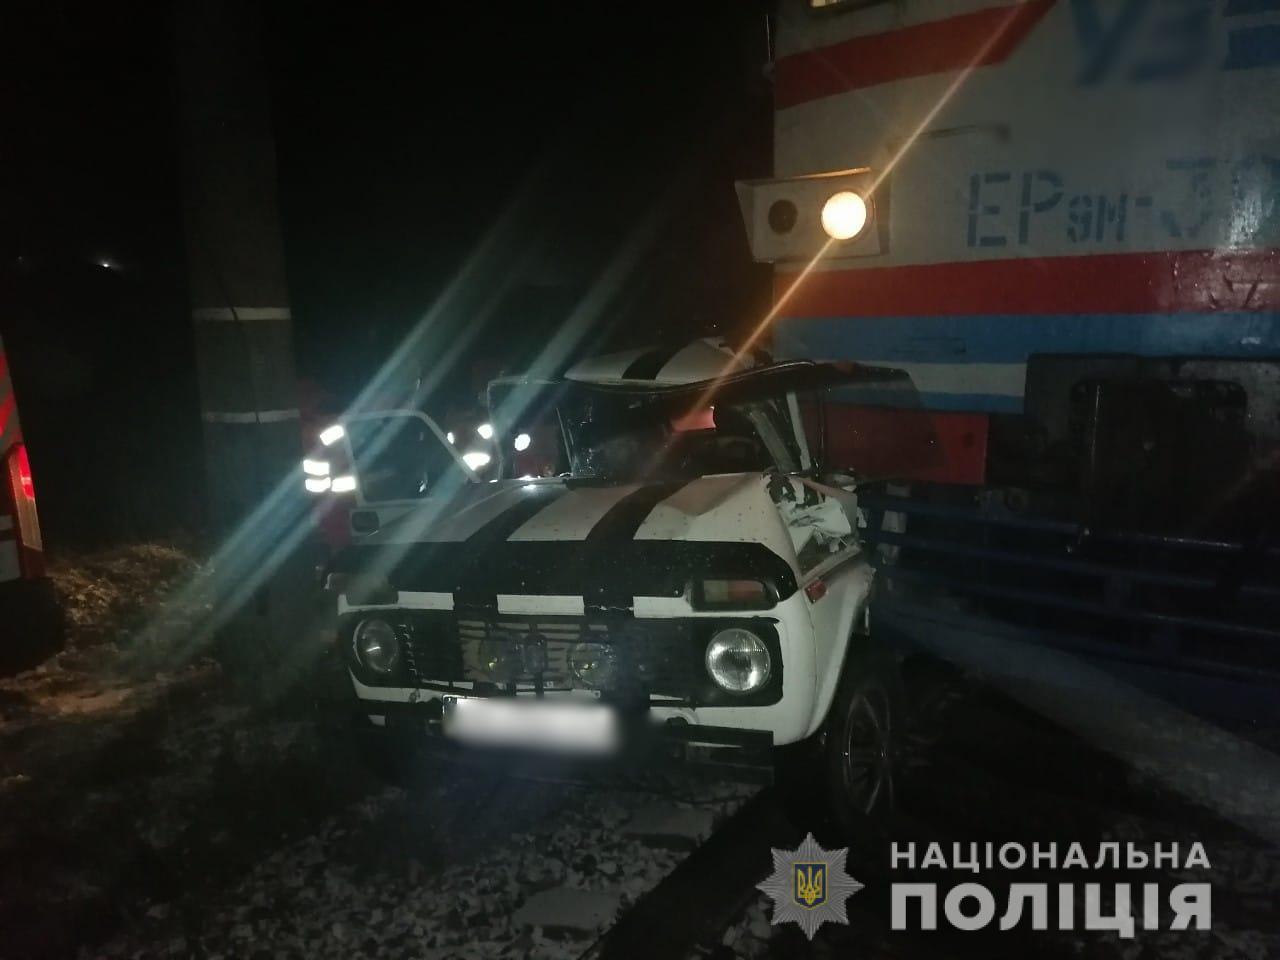 Білоцерківщина: водій легковика напідпитку зіткнувся з електровозом - зіткнення, електрички, алкогольне сп'яніння - avaryya 2